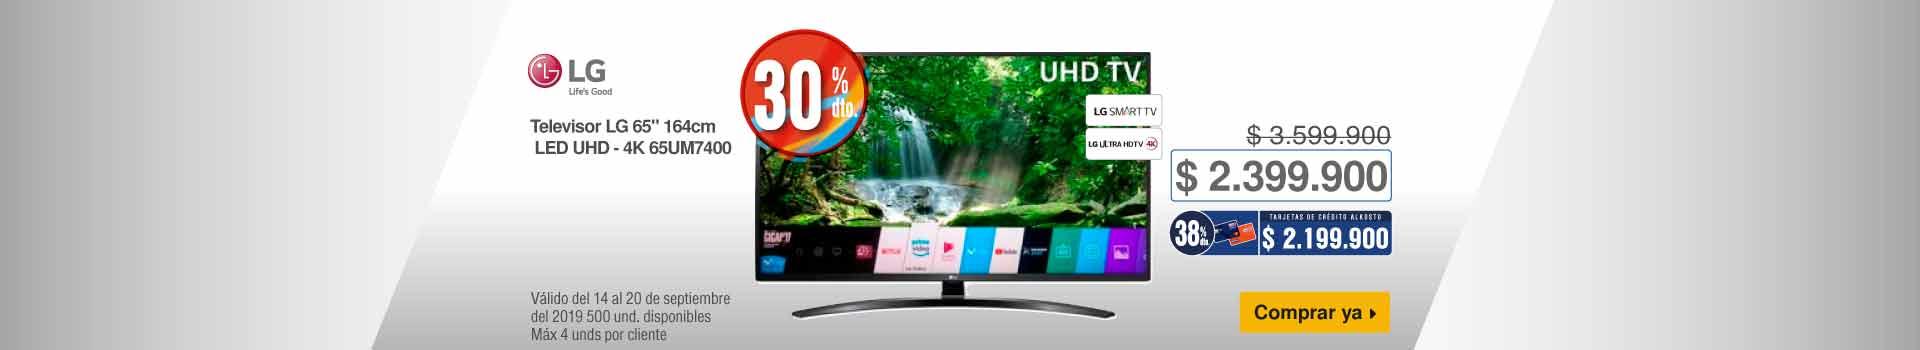 KT-TV-LG-65UM7400-CAT2-14SEP